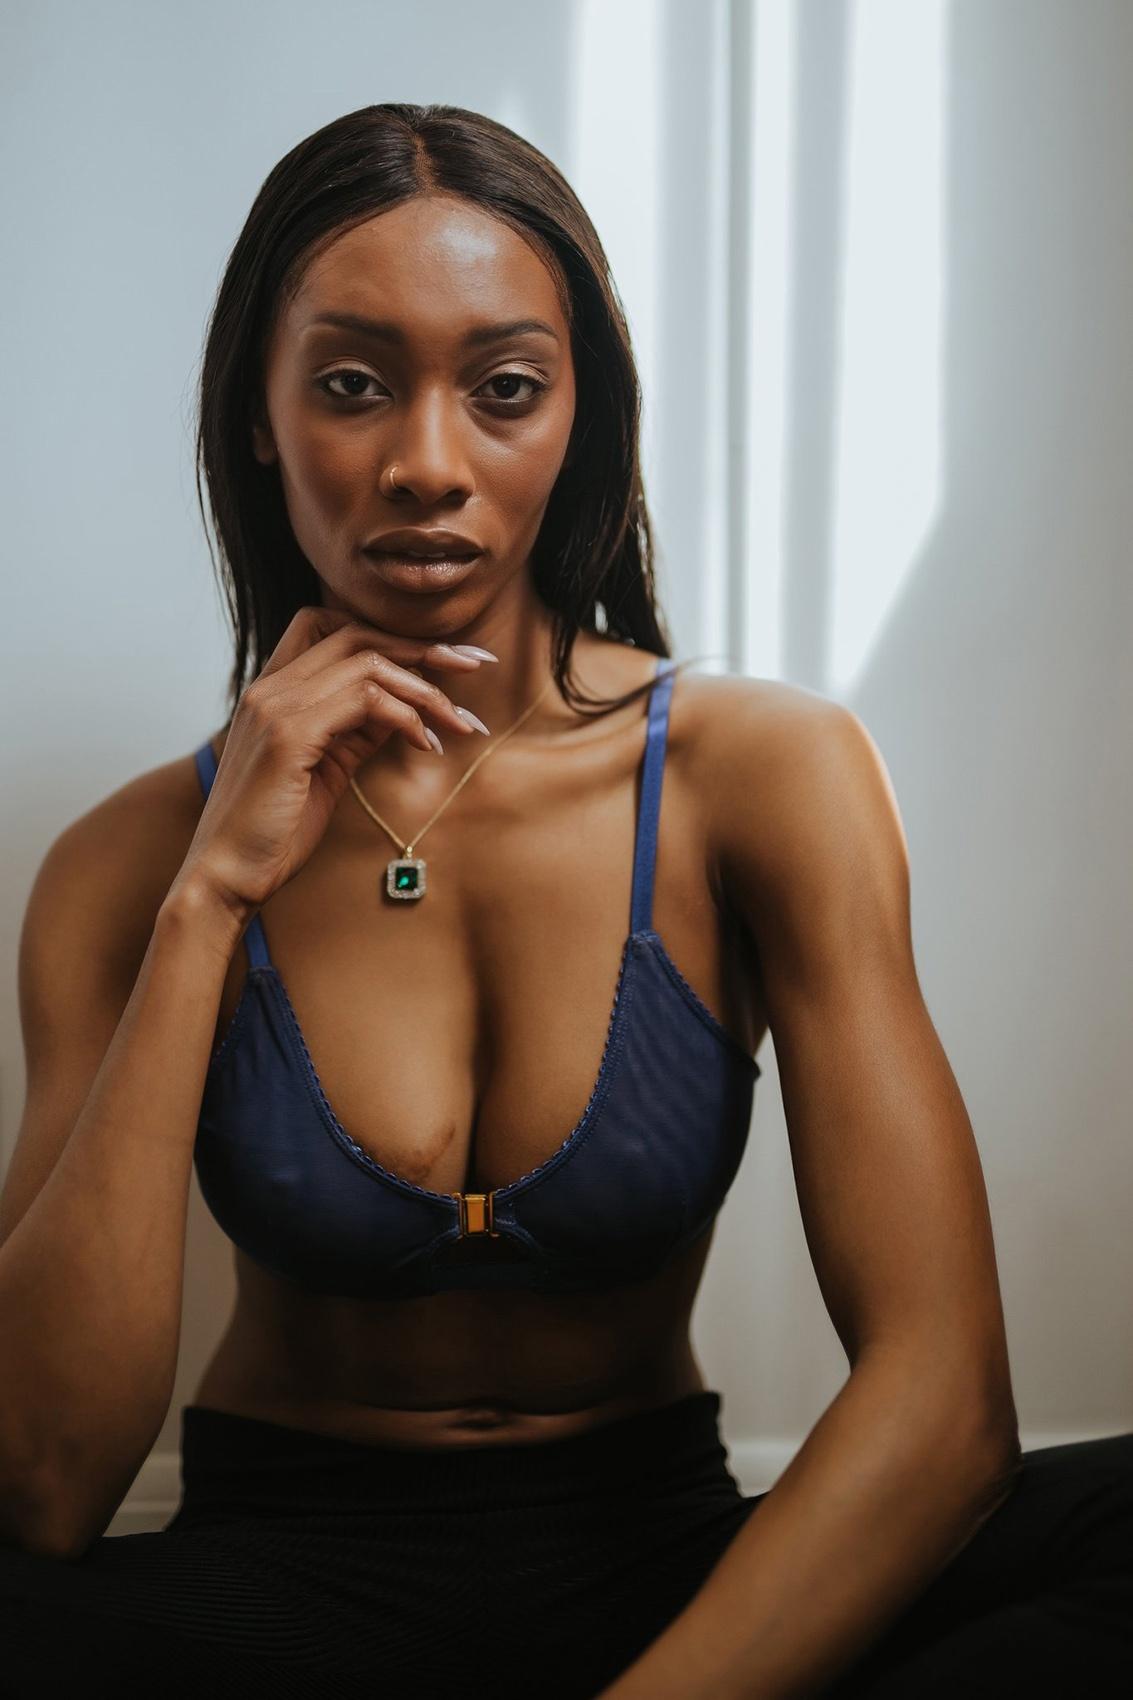 Nursing bra by Milae